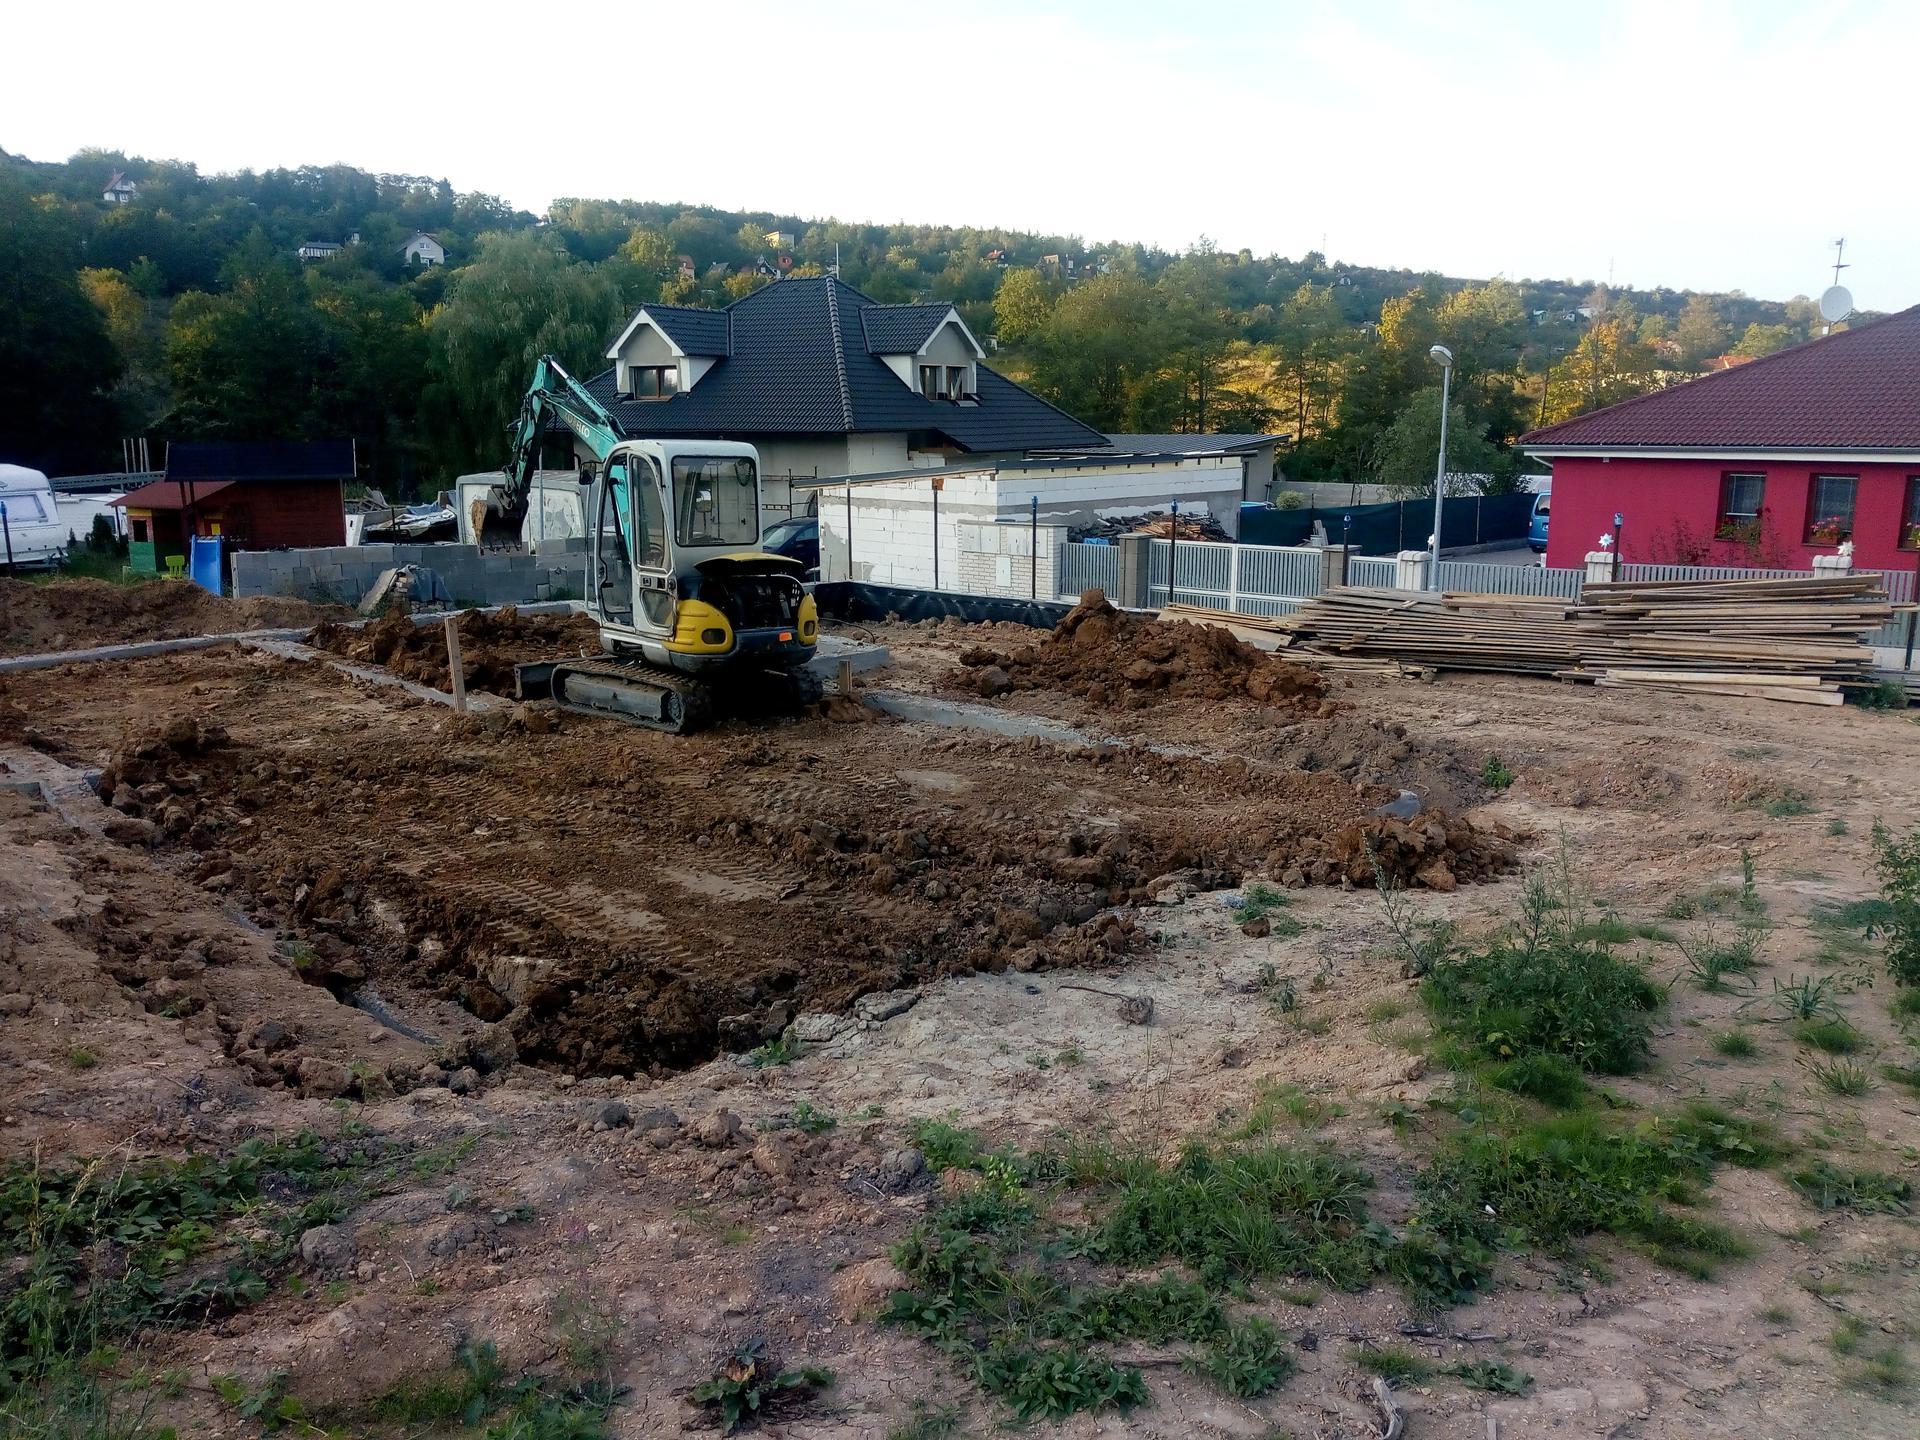 Příprava pozemku, bednění, základy, opěrka, bouda, plot - Obrázek č. 2